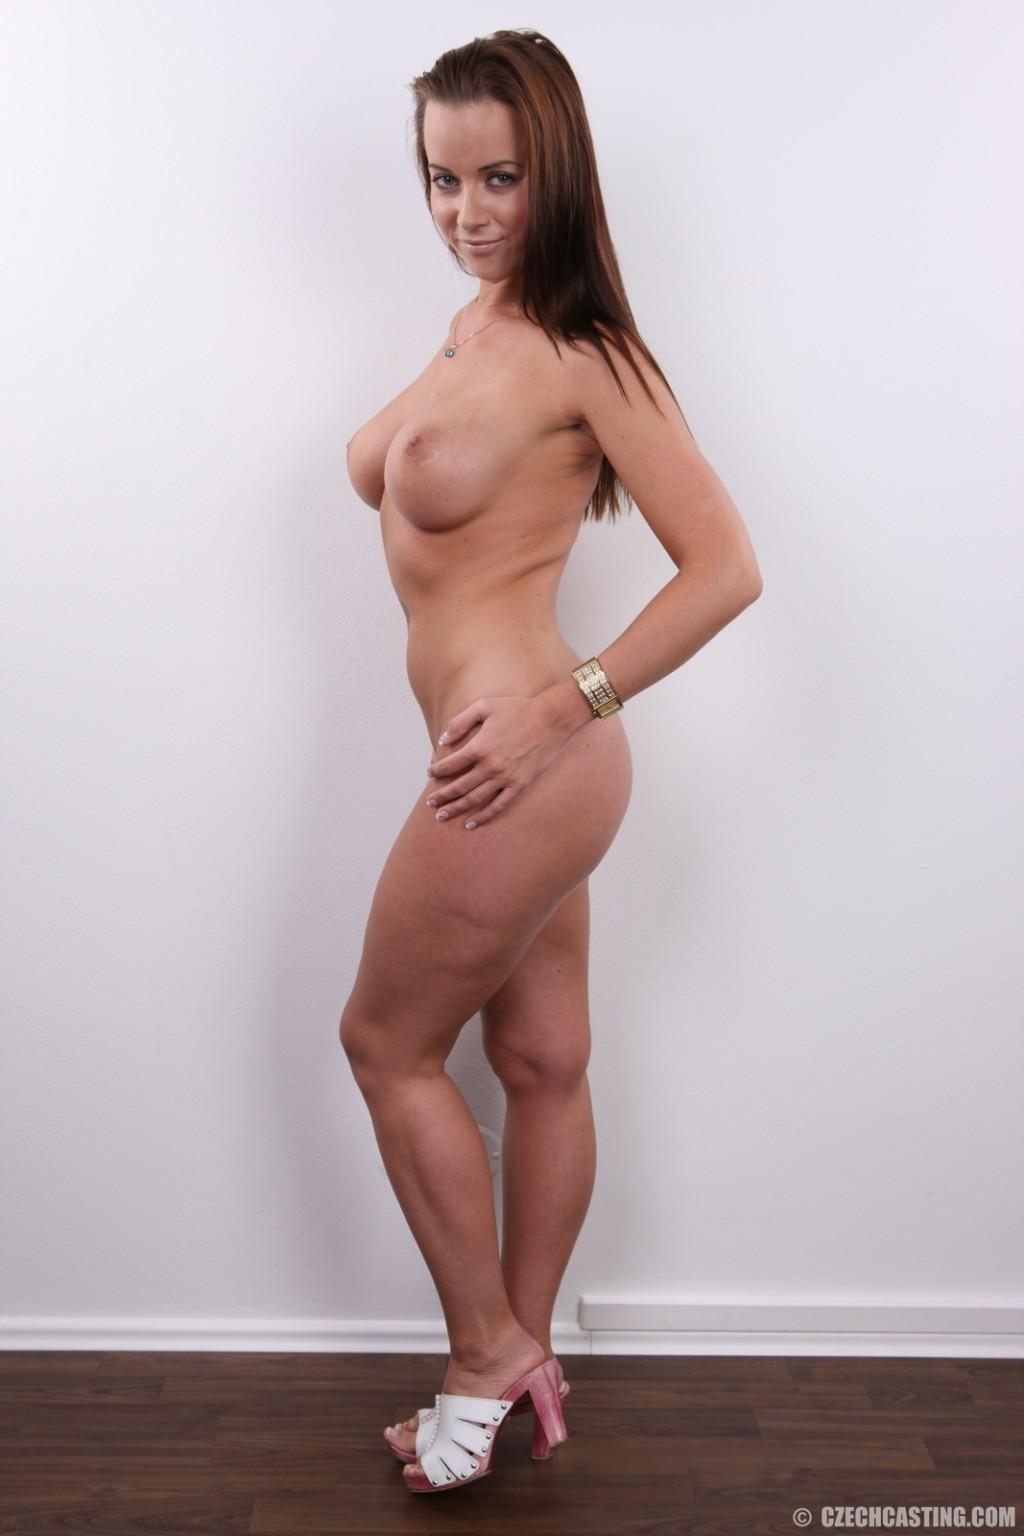 Сочные женщины - Порно галерея № 3502690